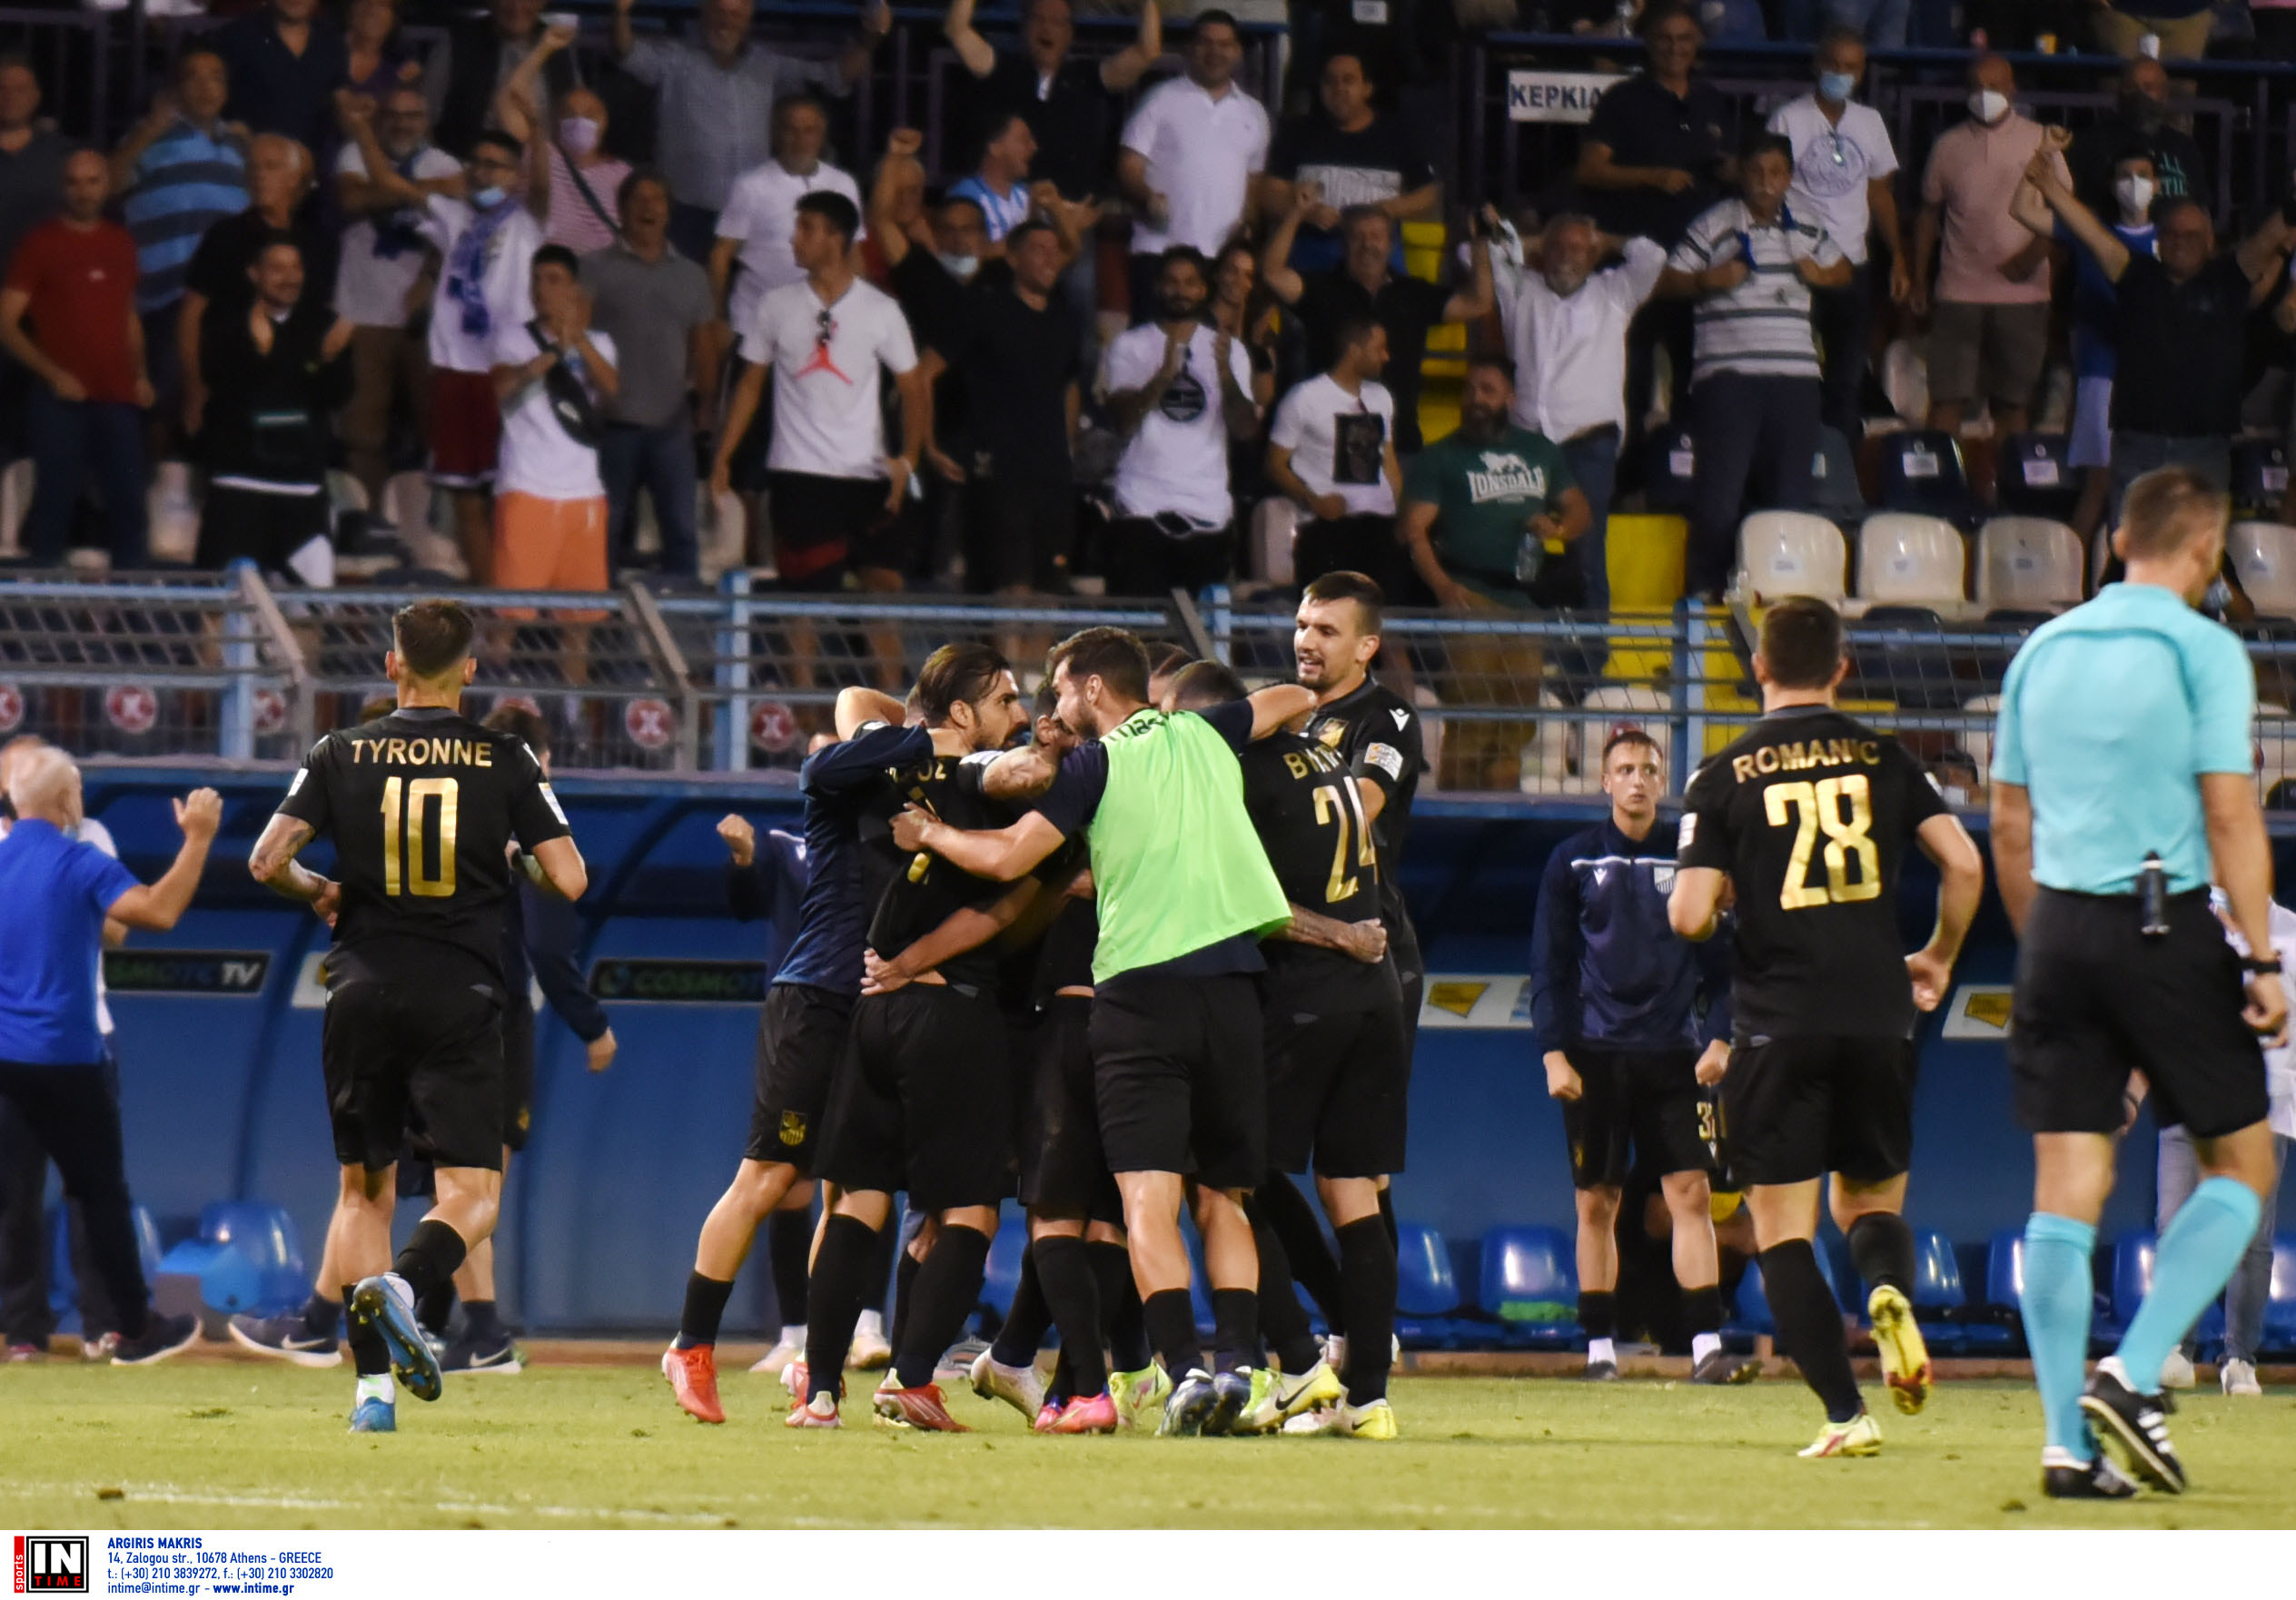 Superleague 1, Λαμία – Παναιτωλικός 2-2: «Μοιρασιά» στο φινάλε στο ΔΑΚ